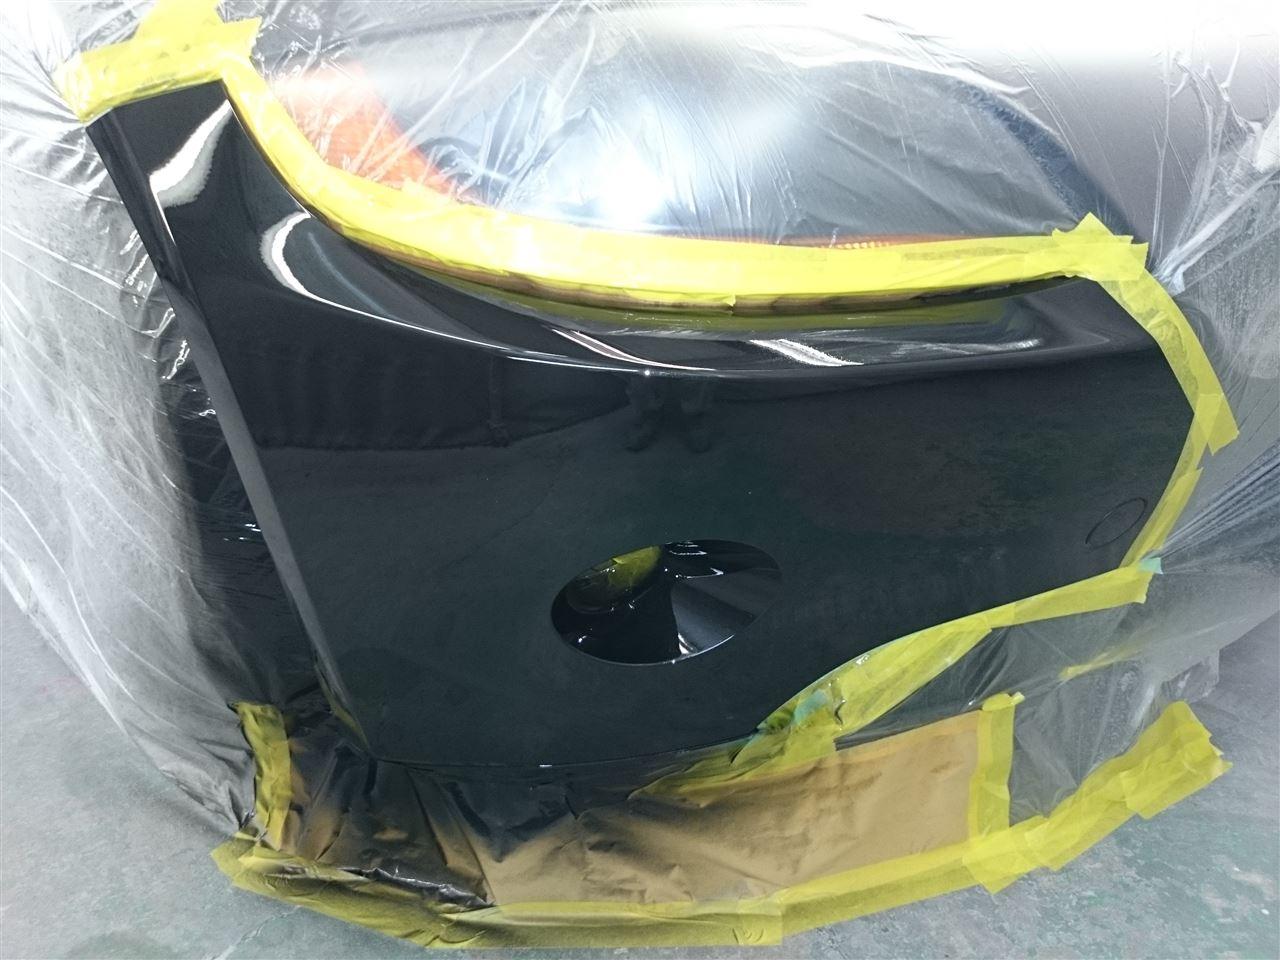 東京都立川市の車の板金塗装修理工場 ガレージローライドのBMW Z4の左側面等のキズ へこみ の板金 修理 塗装 です。